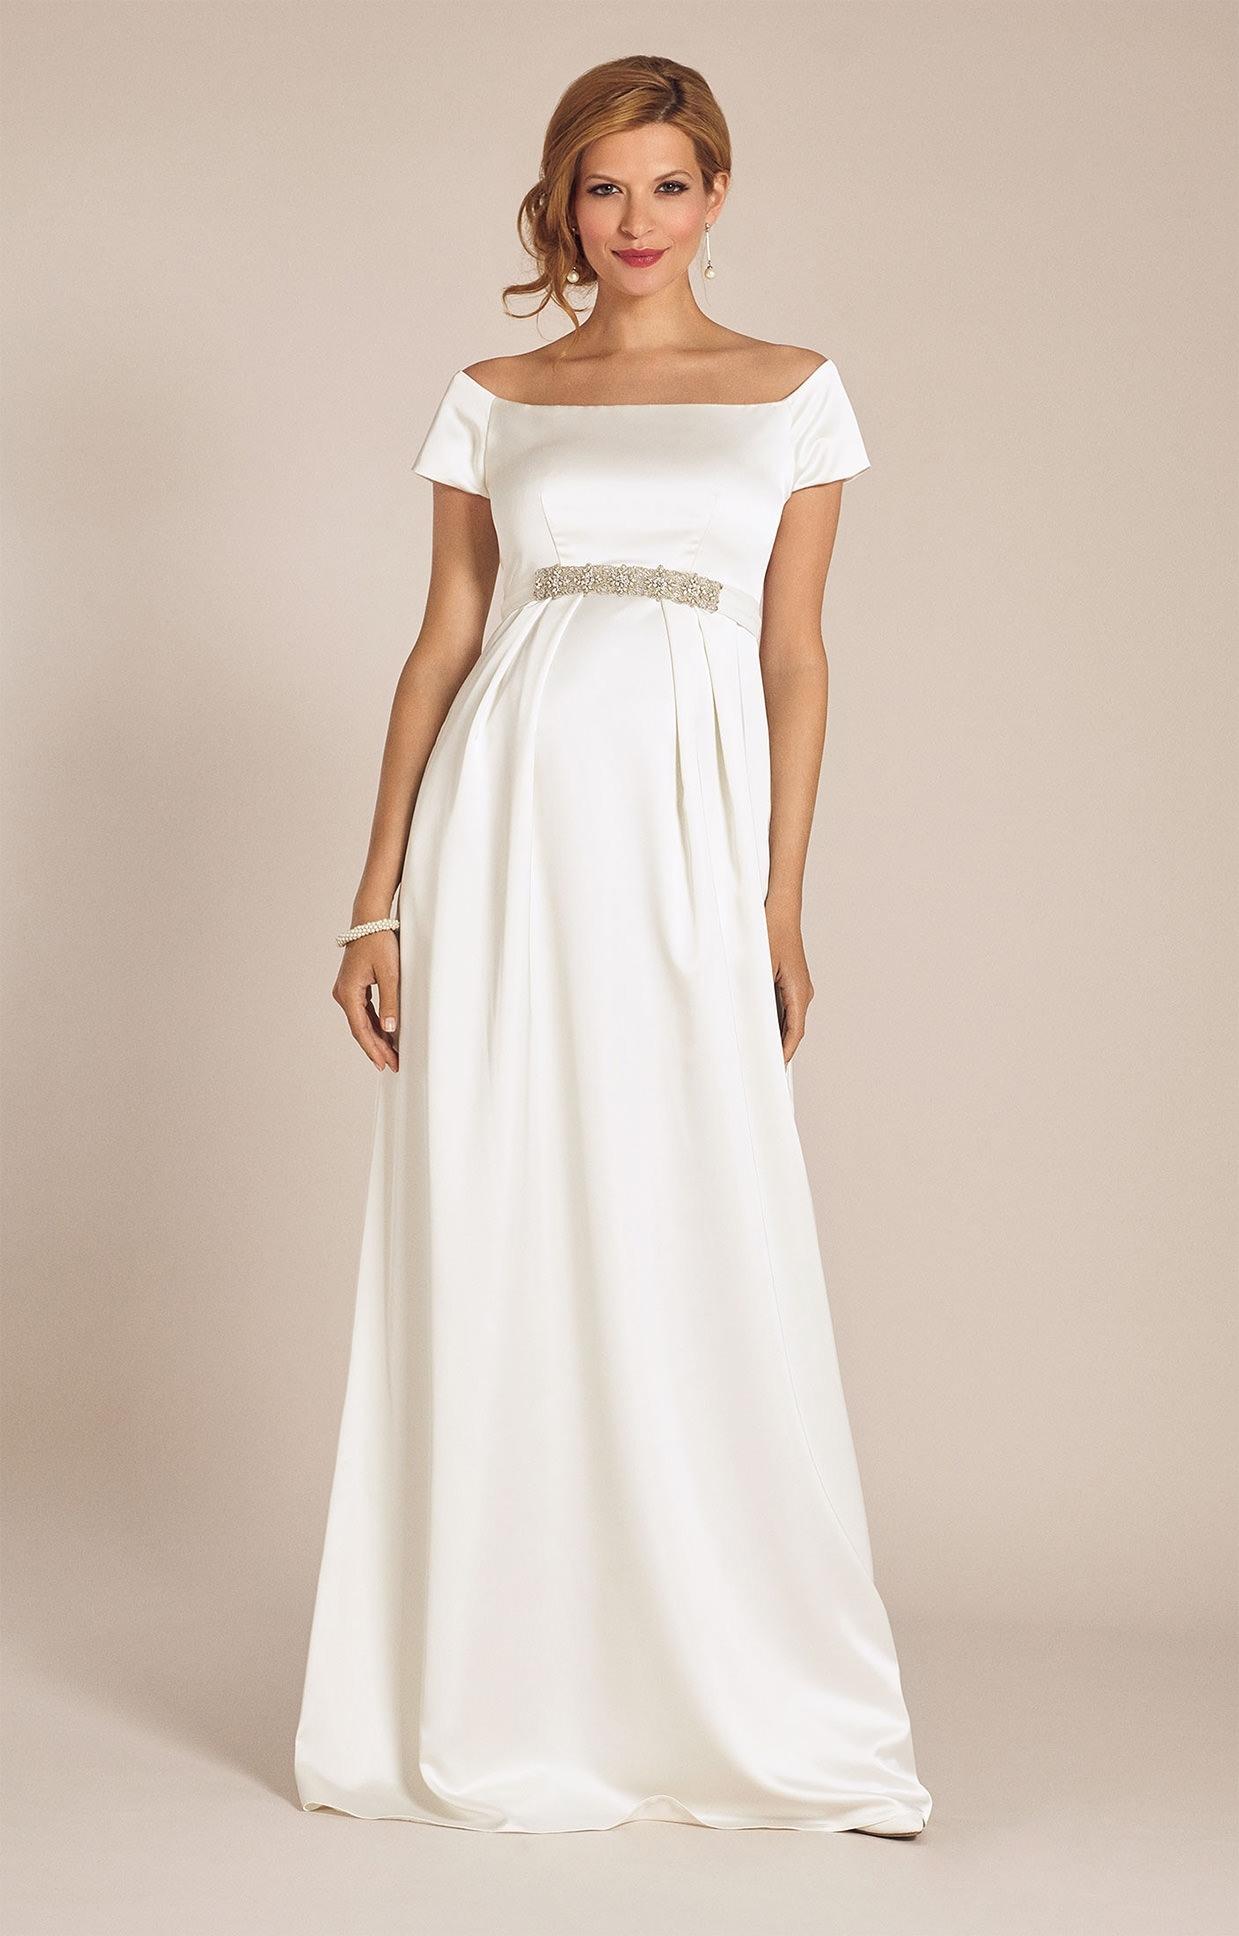 13 Top Brautkleider Für Schwangere BoutiqueAbend Schön Brautkleider Für Schwangere Spezialgebiet